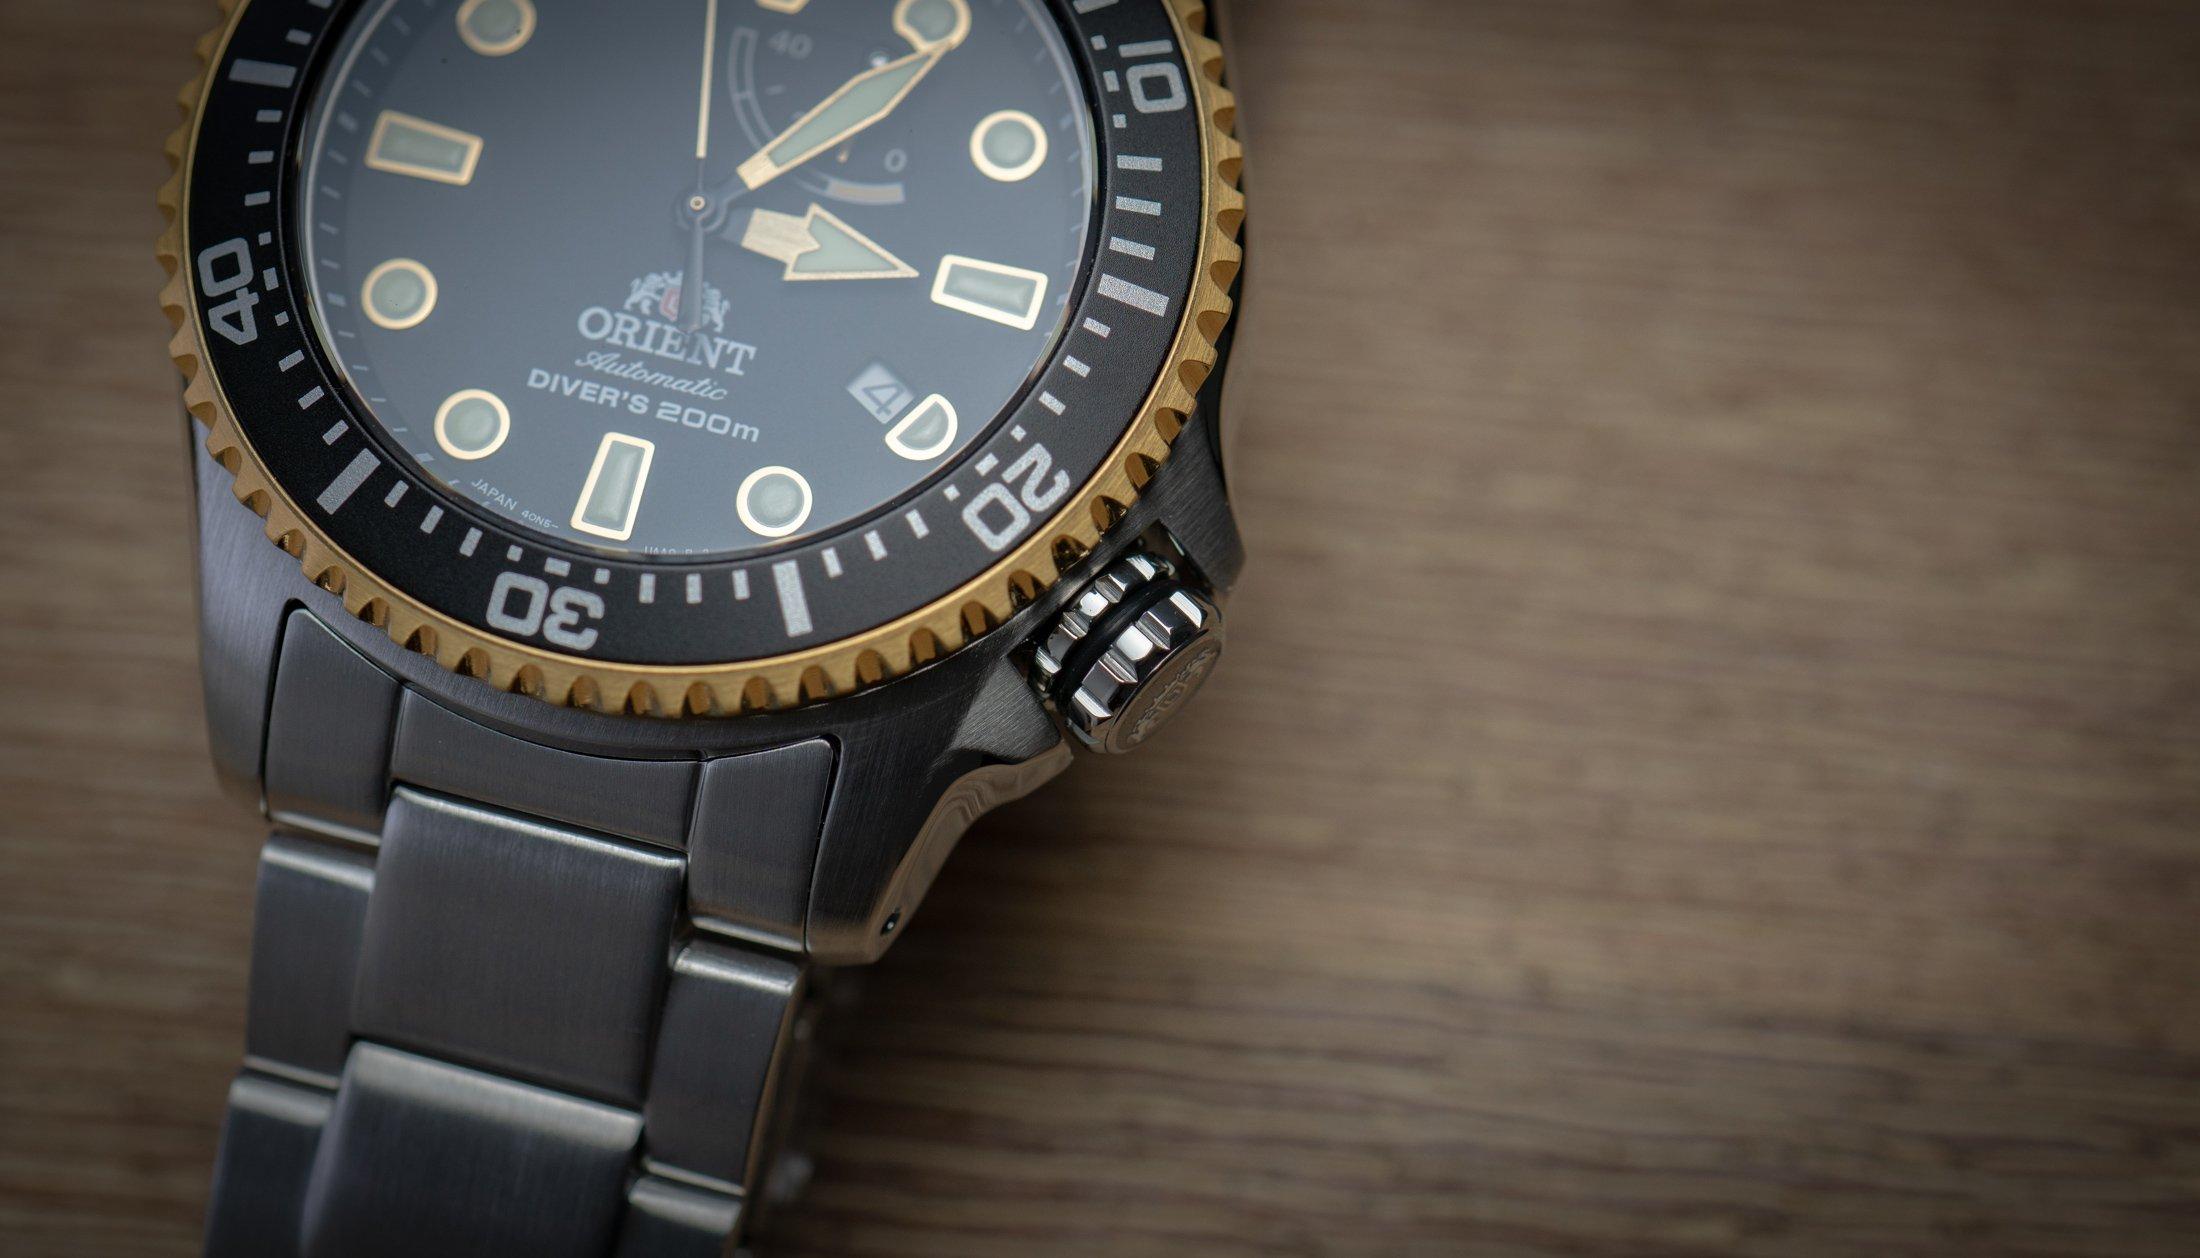 Orient-Triton-Uhren-kaufen-Test-Blog